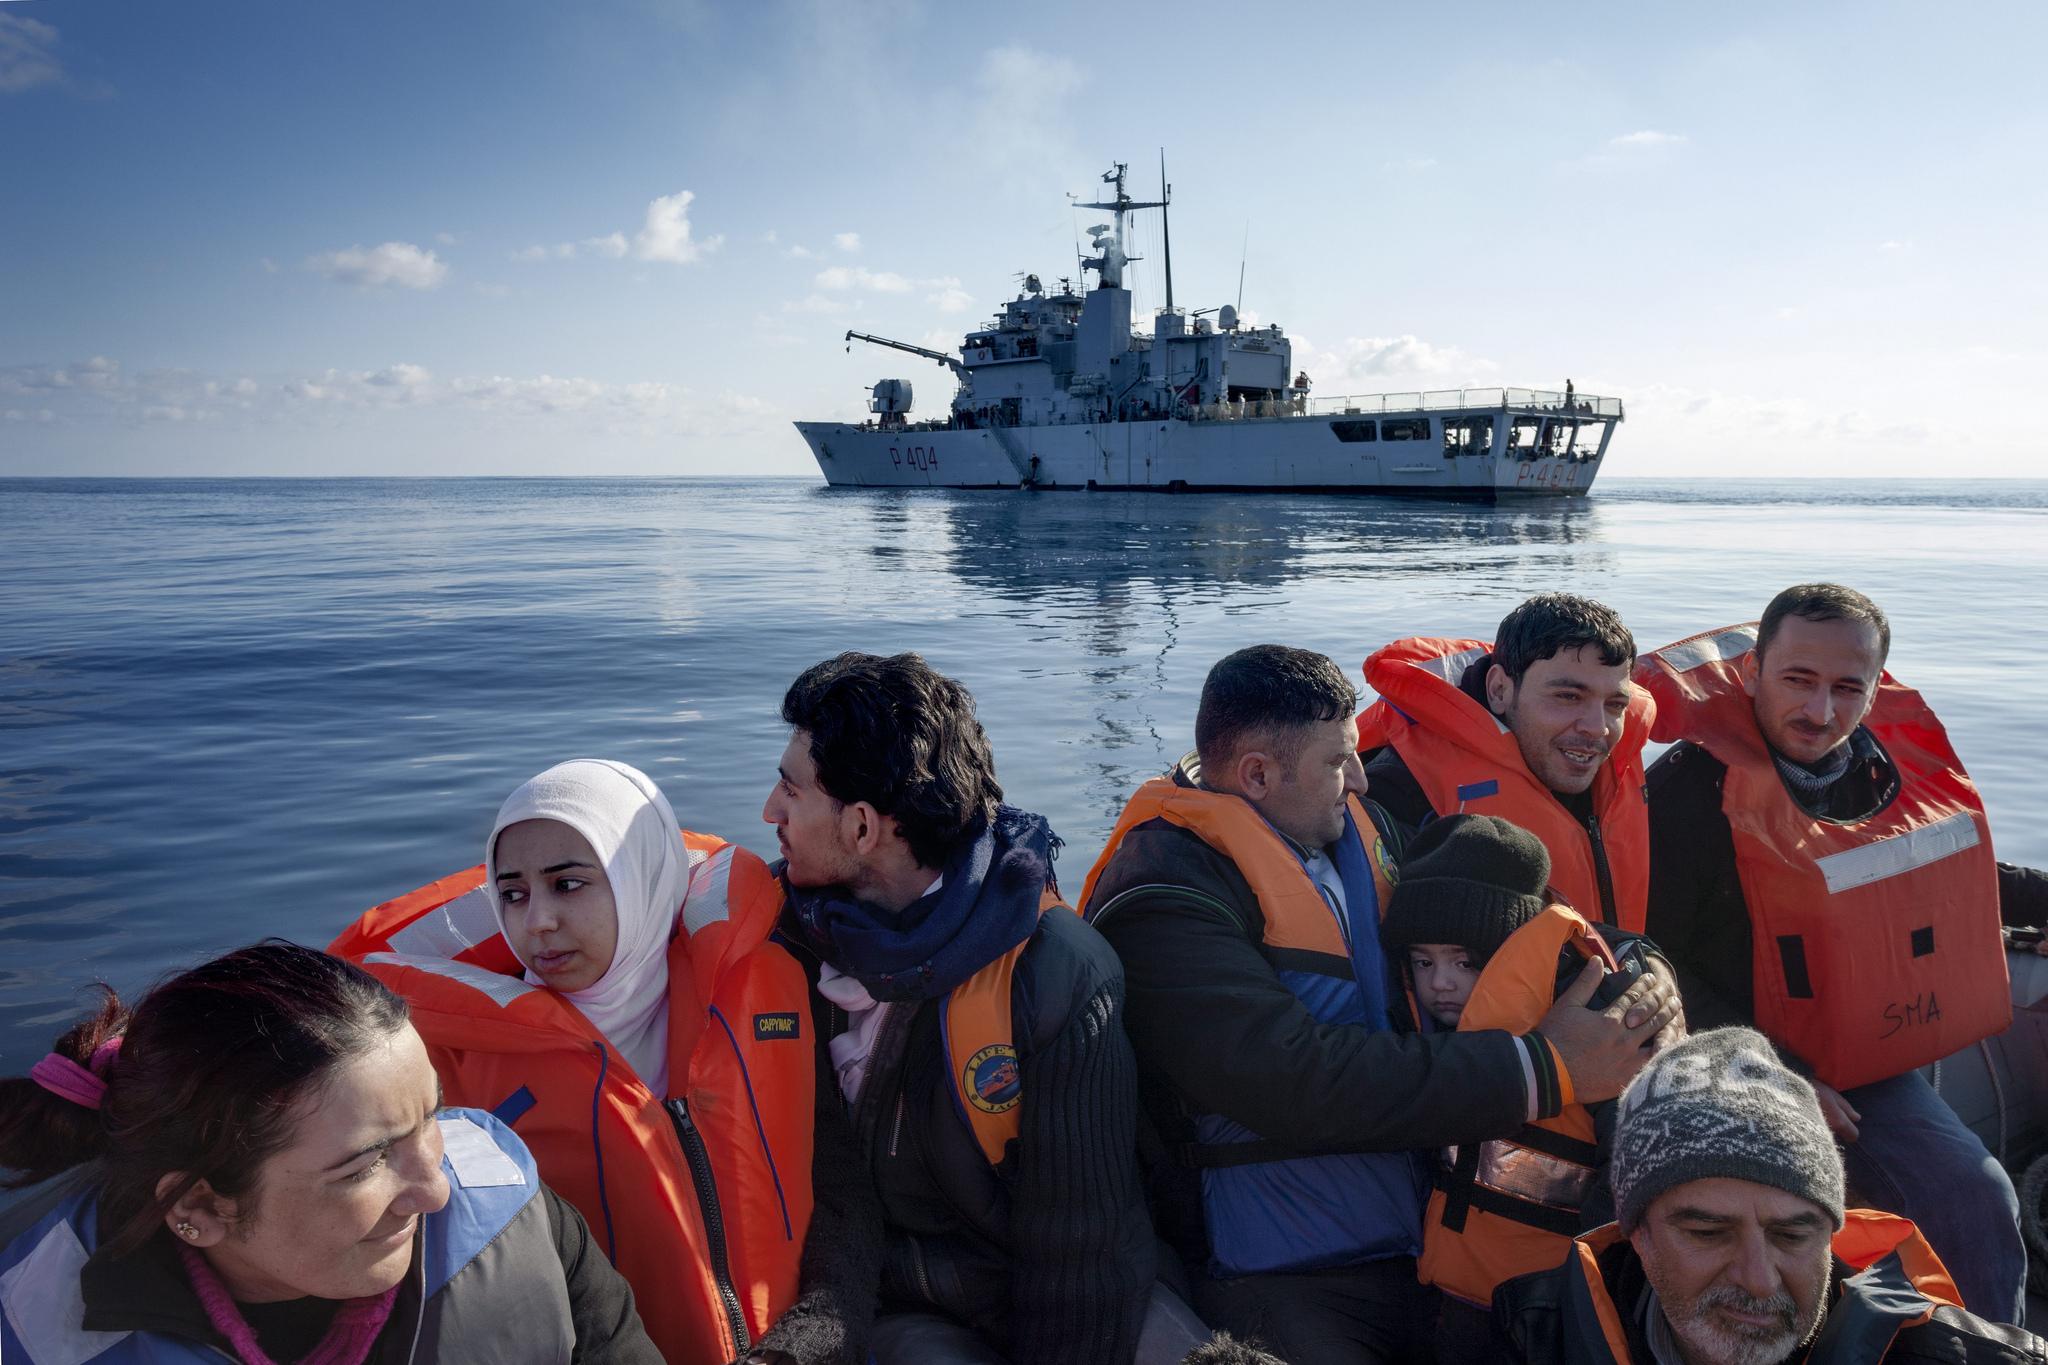 الهجرة بحرا